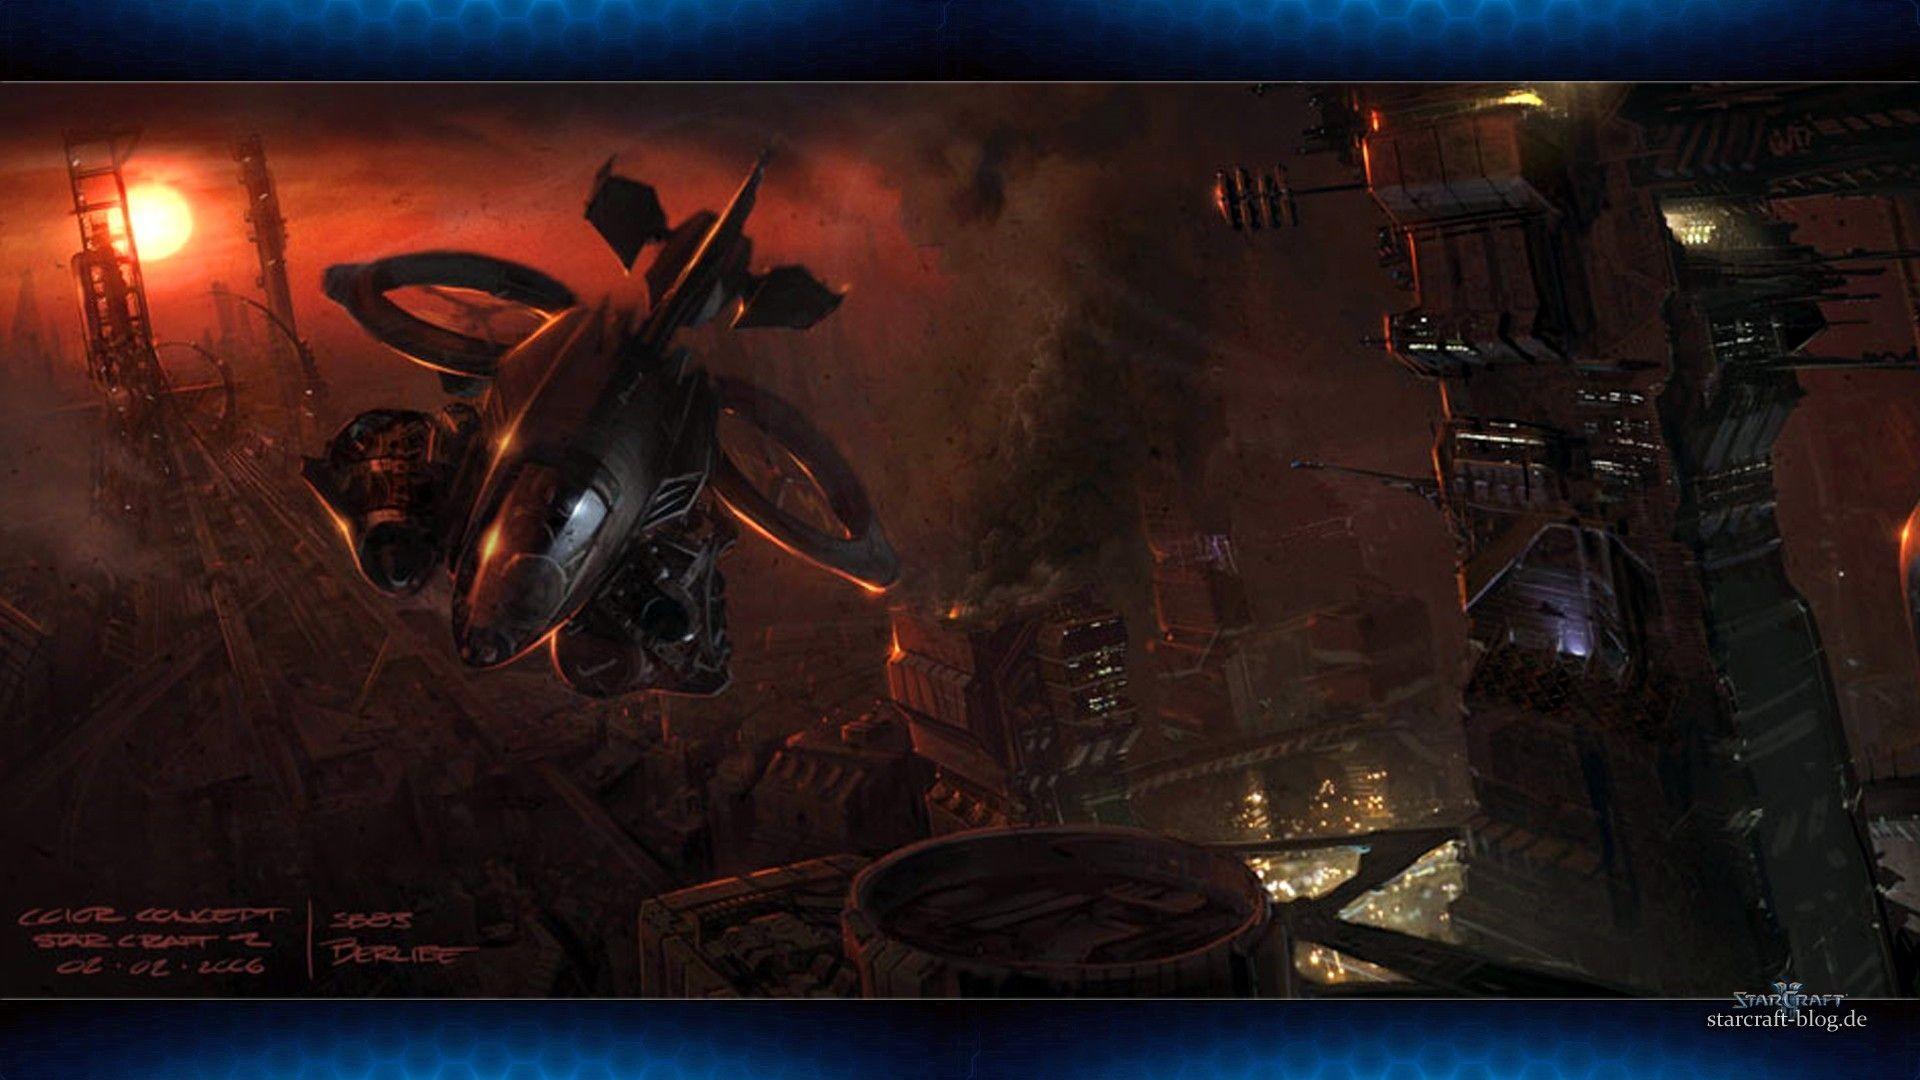 Starcraft 2 Concept Art, Place, Break, Banshee, Gallery, - Starcraft 2 Wallpapers Lotv , HD Wallpaper & Backgrounds